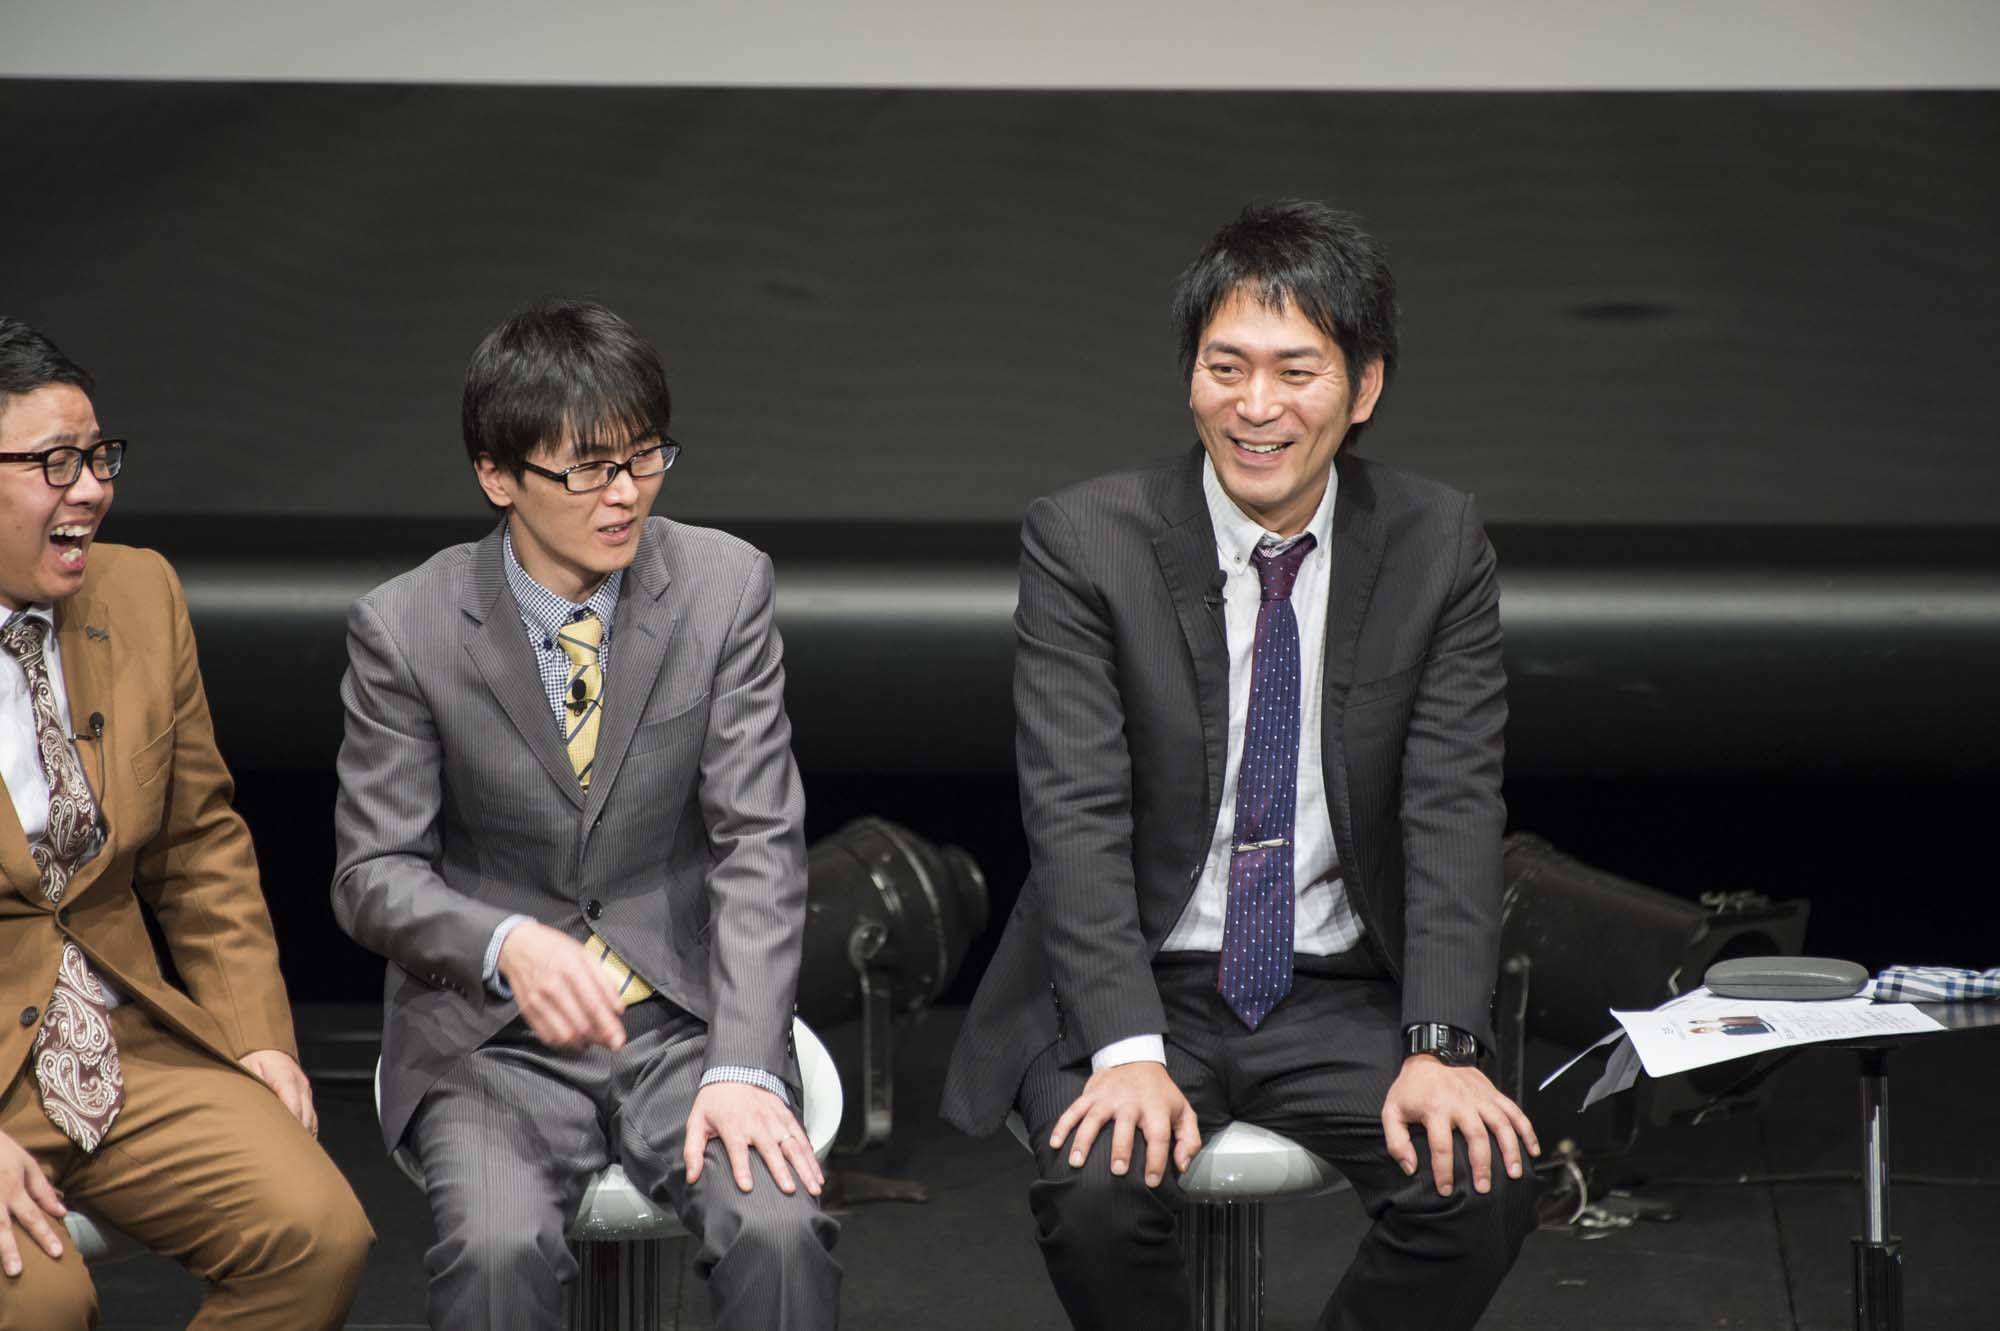 http://news.yoshimoto.co.jp/20171110182757-46835edc6ae915c9e6f31acdb2af62b8f5dcbd9a.jpg